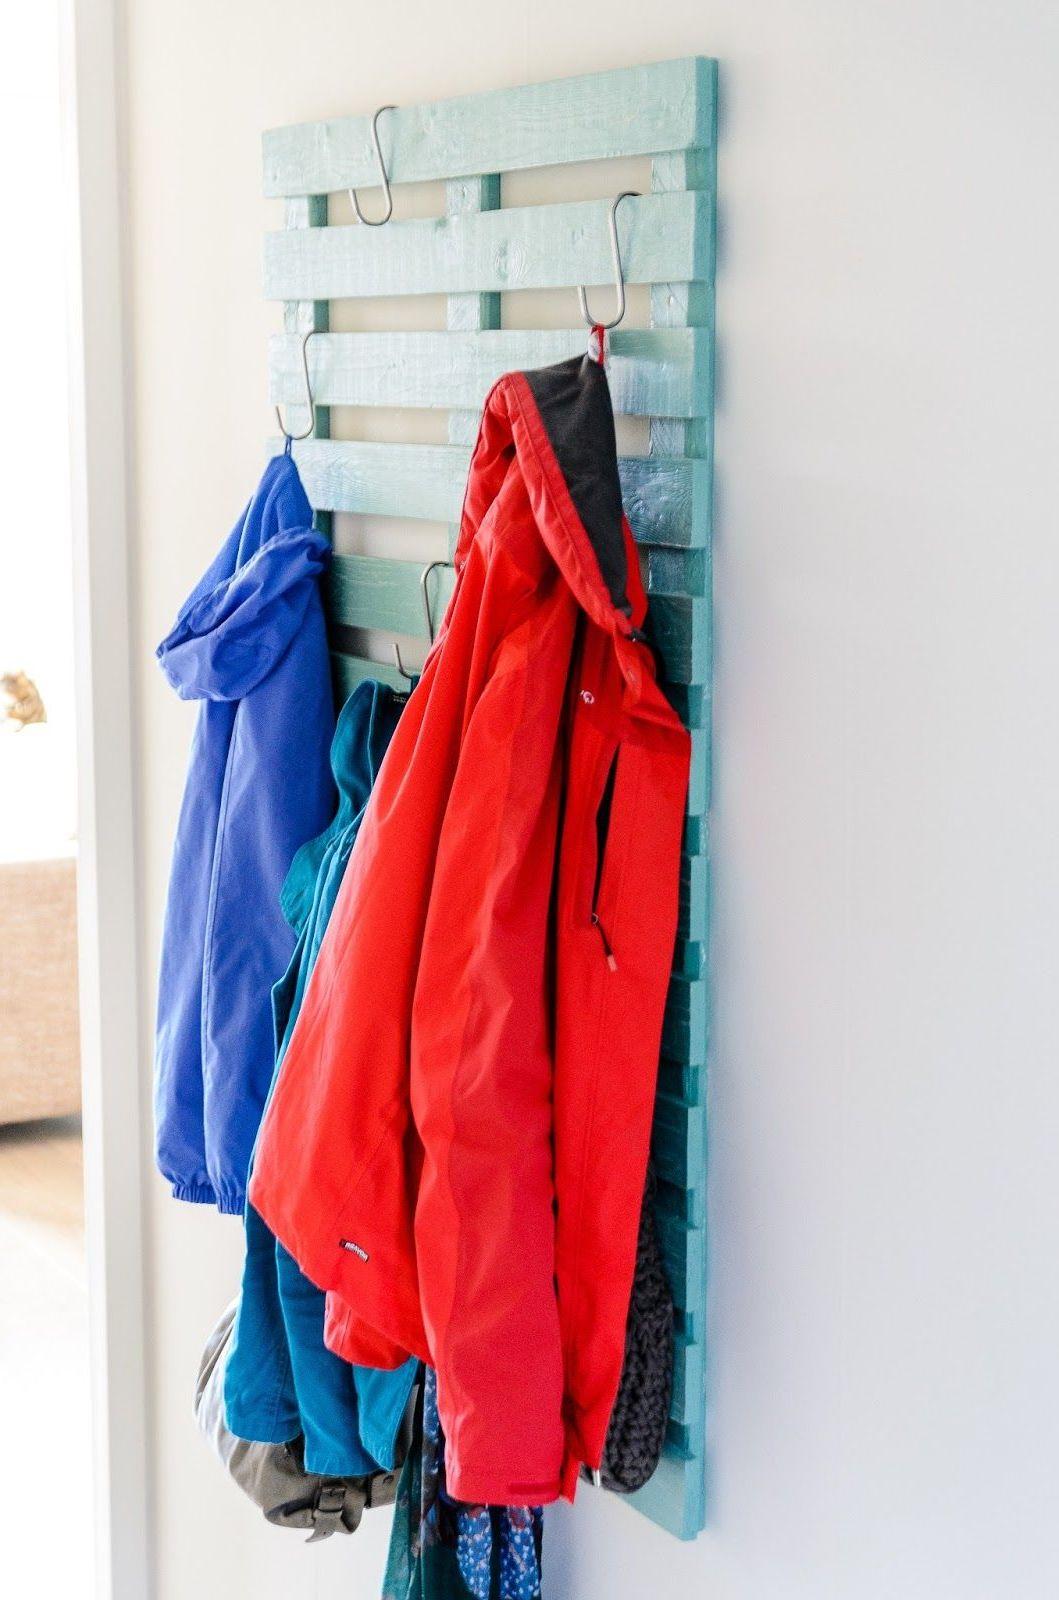 Nur eine gebrauchte Palette reicht, um diese ausgefallene Garderobe selber zu bauen